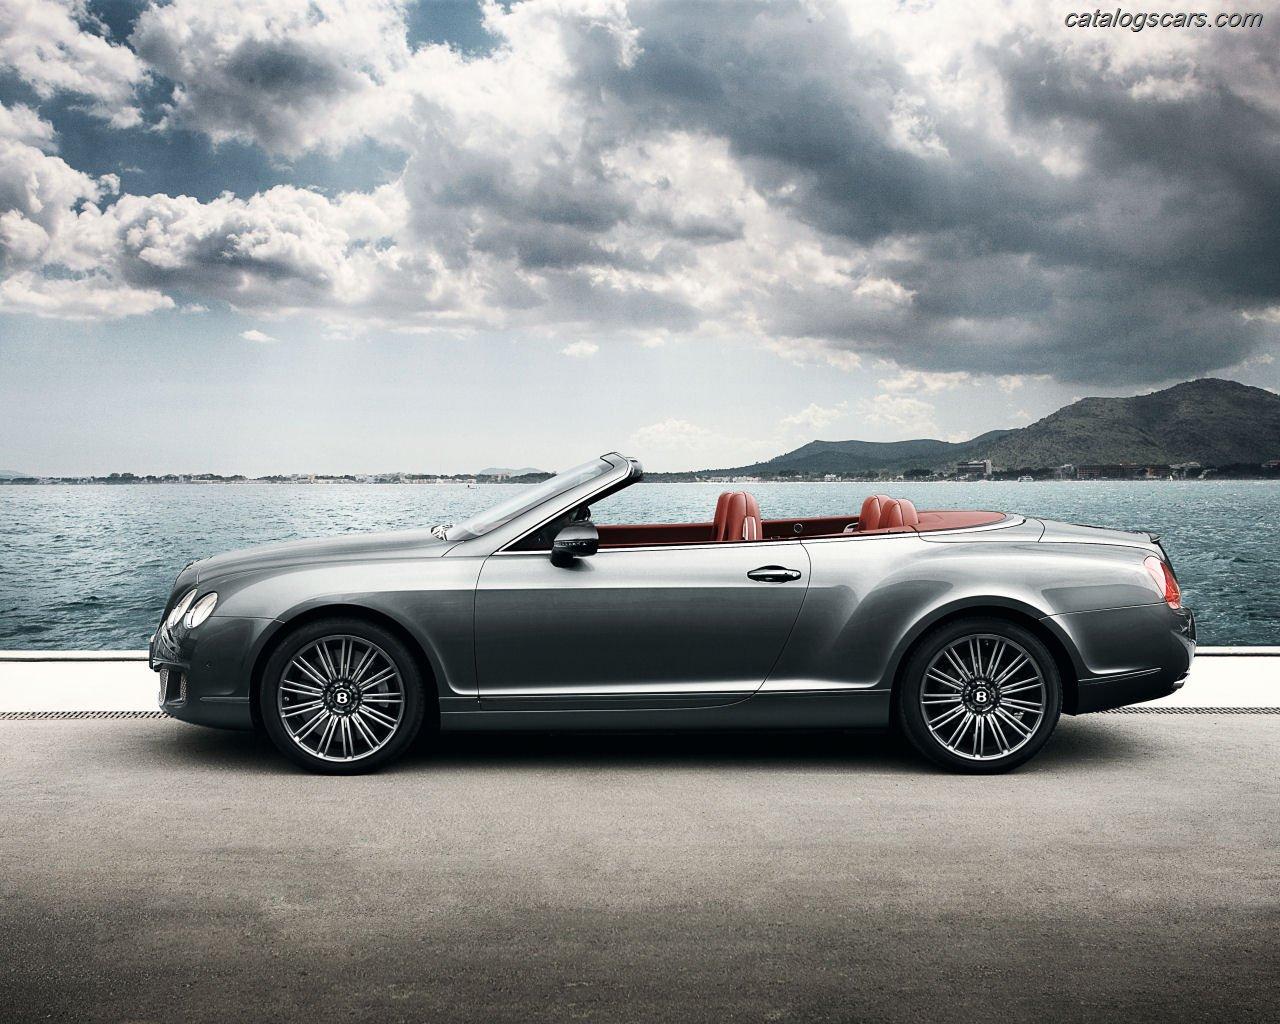 صور سيارة بنتلى كونتيننتال جى تى سى سبيد 2014 - اجمل خلفيات صور عربية بنتلى كونتيننتال جى تى سى سبيد 2014 - Bentley Continental Gtc Speed Photos Bentley-Continental-Gtc-Speed-2011-01.jpg